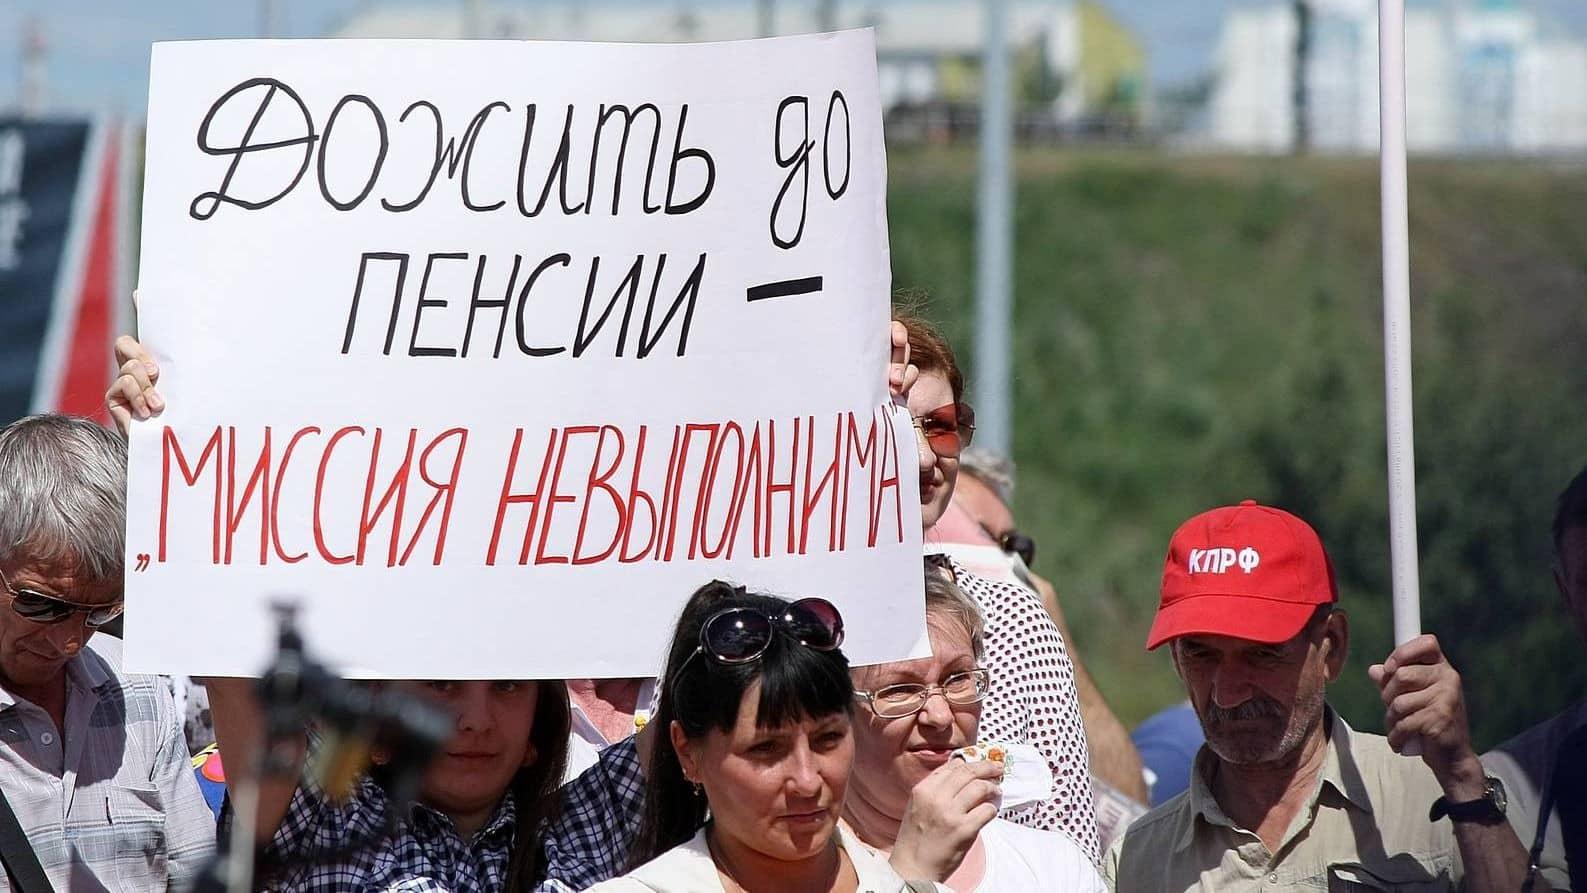 Пенсионный возраст в России в 2019 году: последние новости